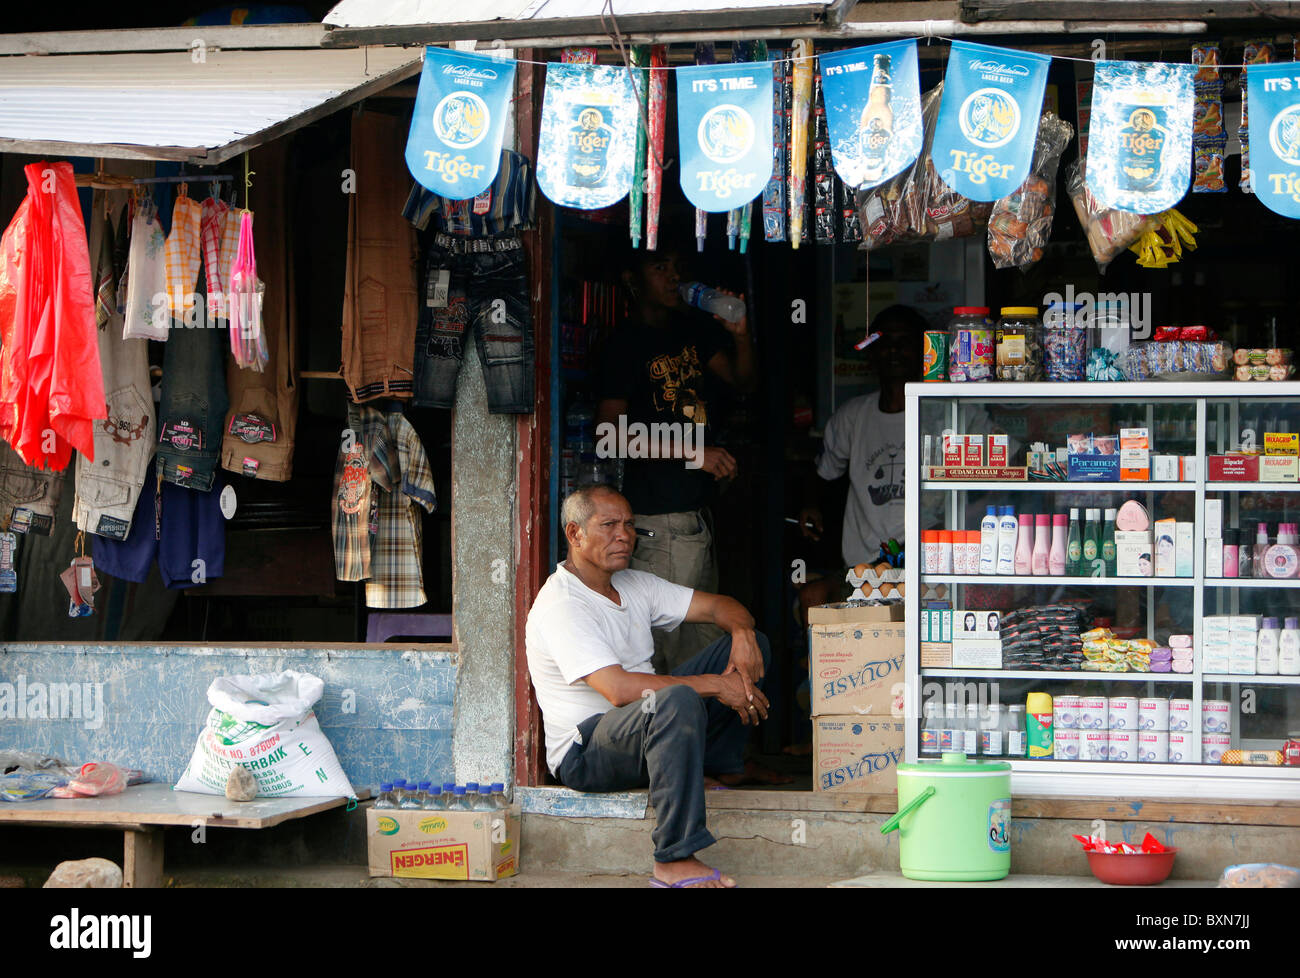 Shop in Suai, Timor Leste (East Timor) Stock Photo